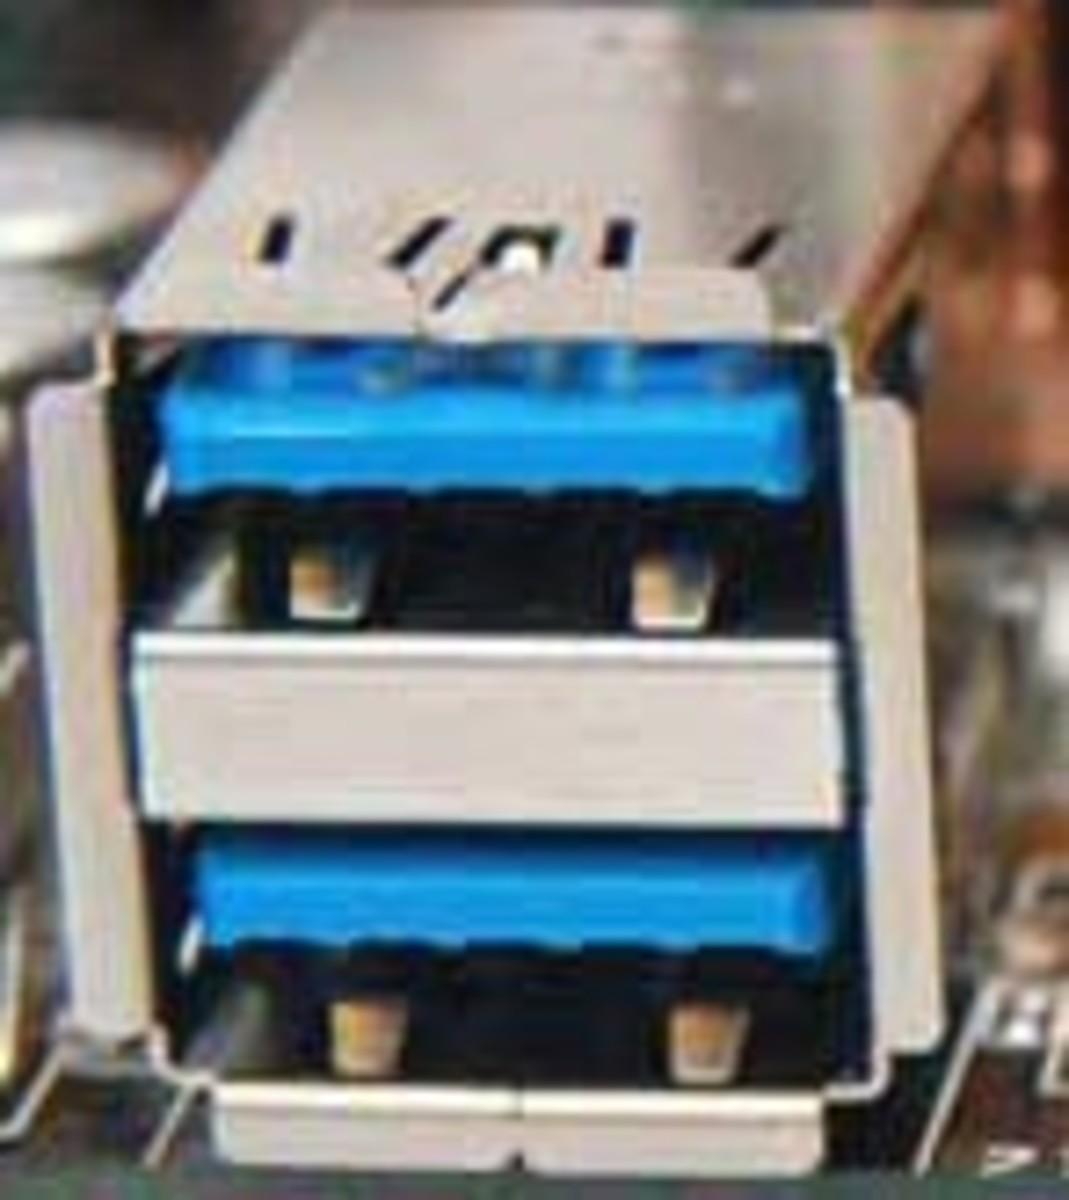 USB 3 Ports FAQ